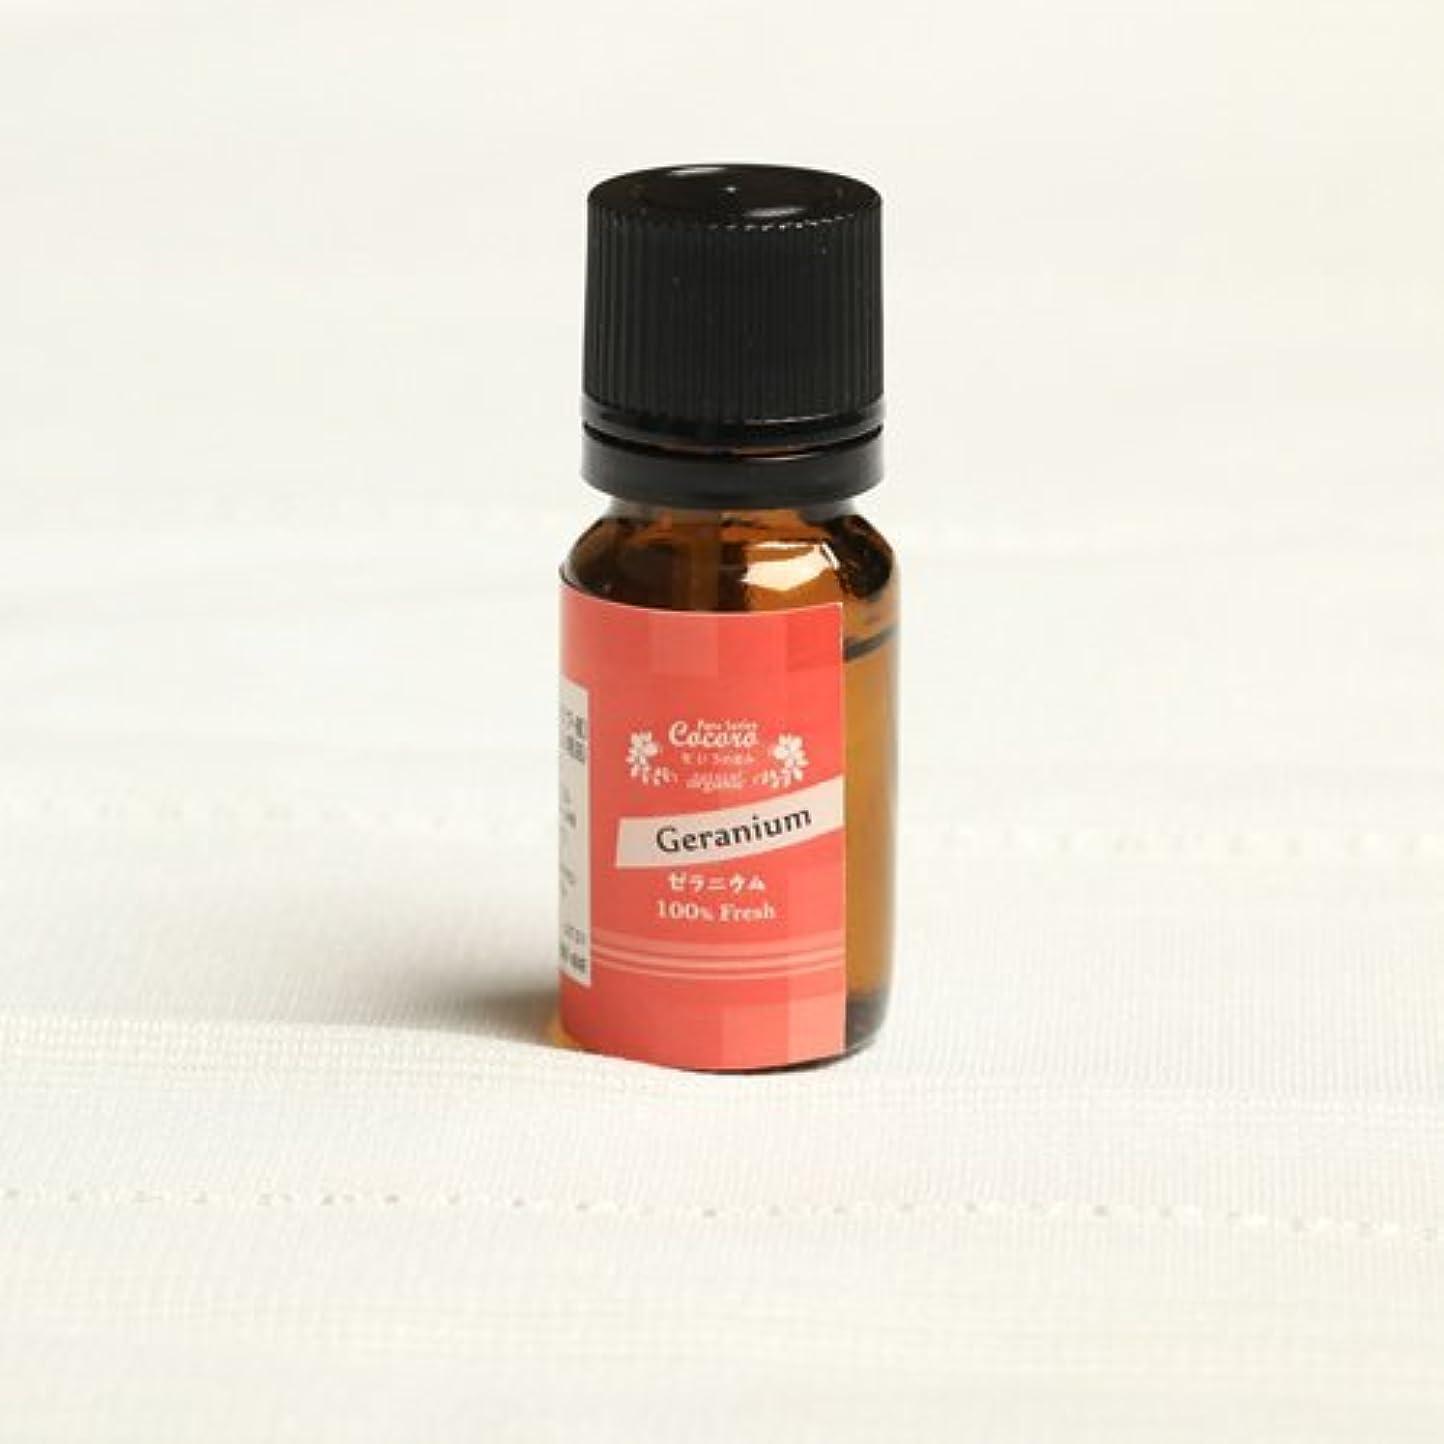 エトナ山司書彫るゼラニウム 精油100% 2本セット